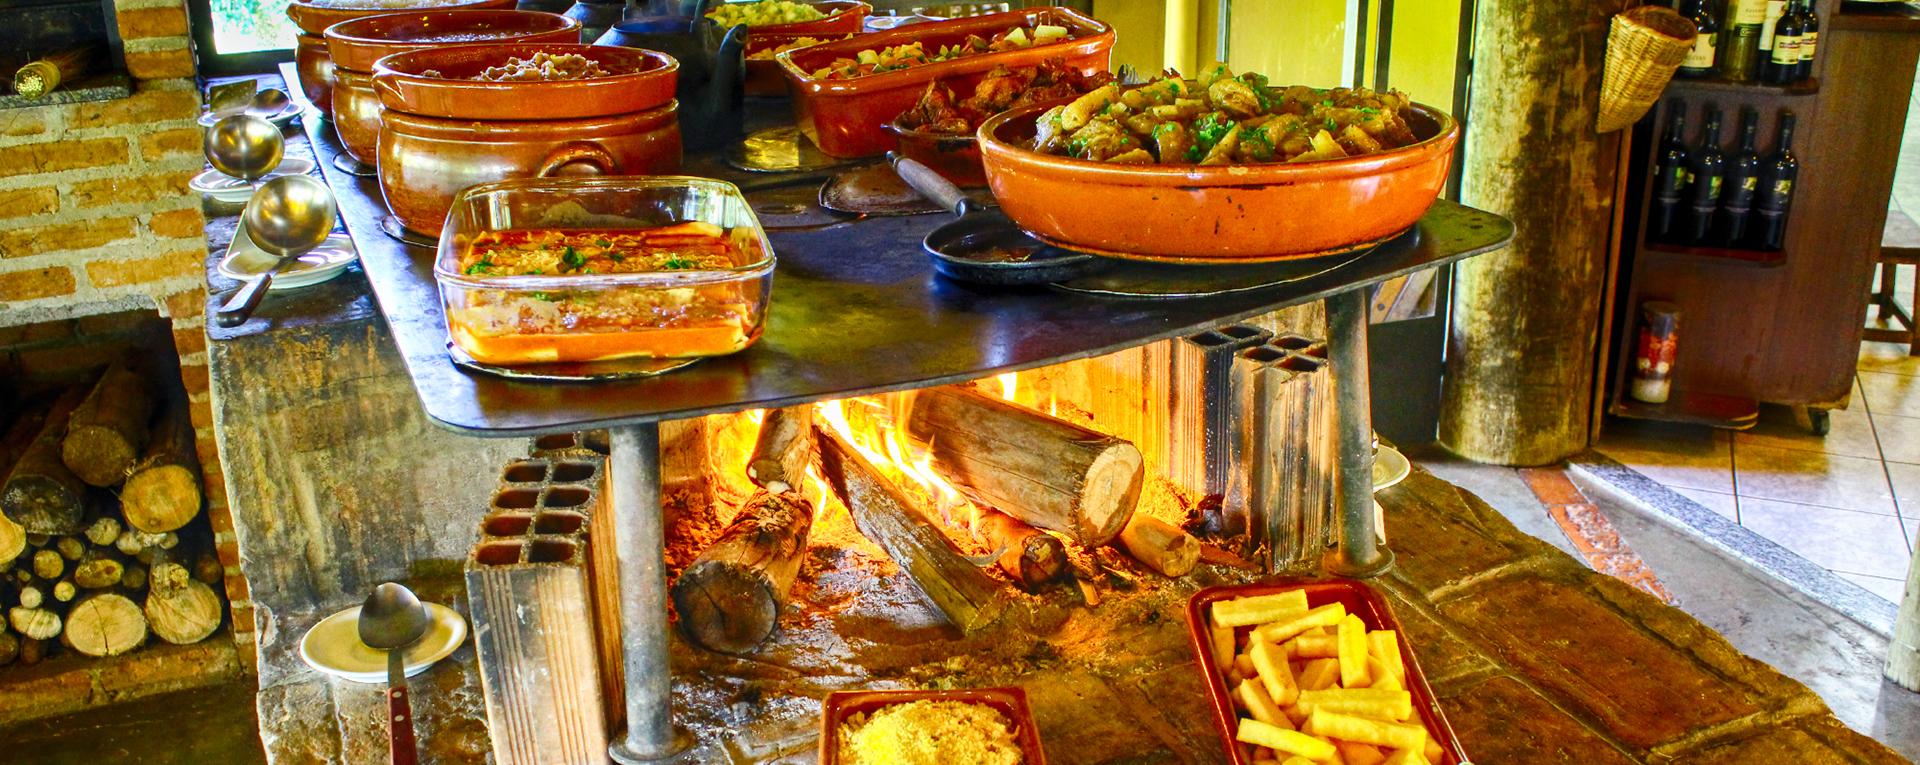 fogao-lenha-restaurante-jacauna